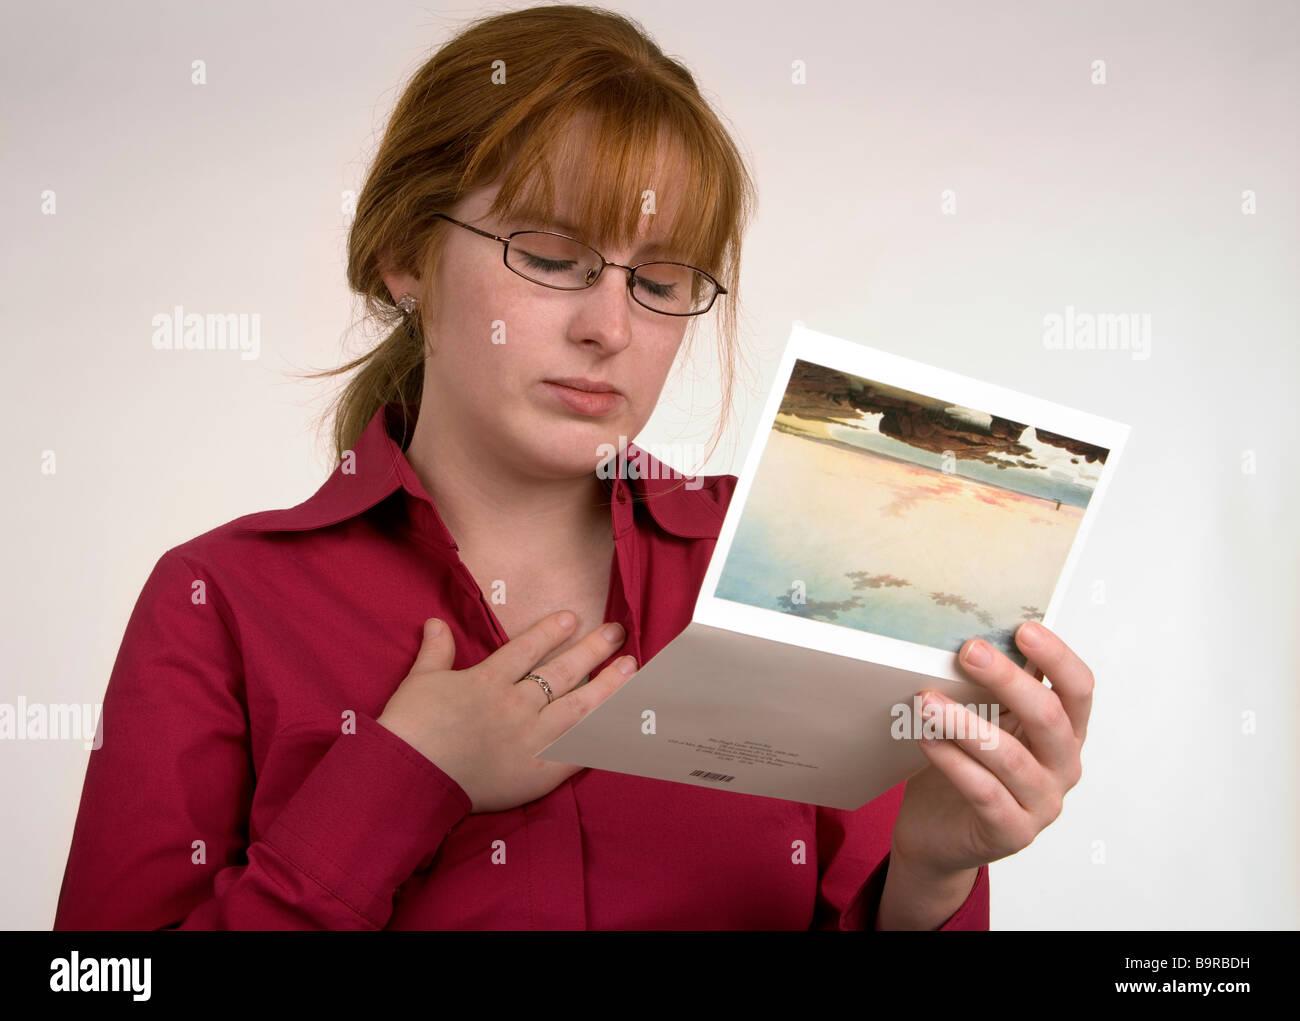 Eine Frau liest eine Karte, die einige Nachrichten übermittelt hat, die ihr traurig oder emotionale gemacht hat Stockfoto